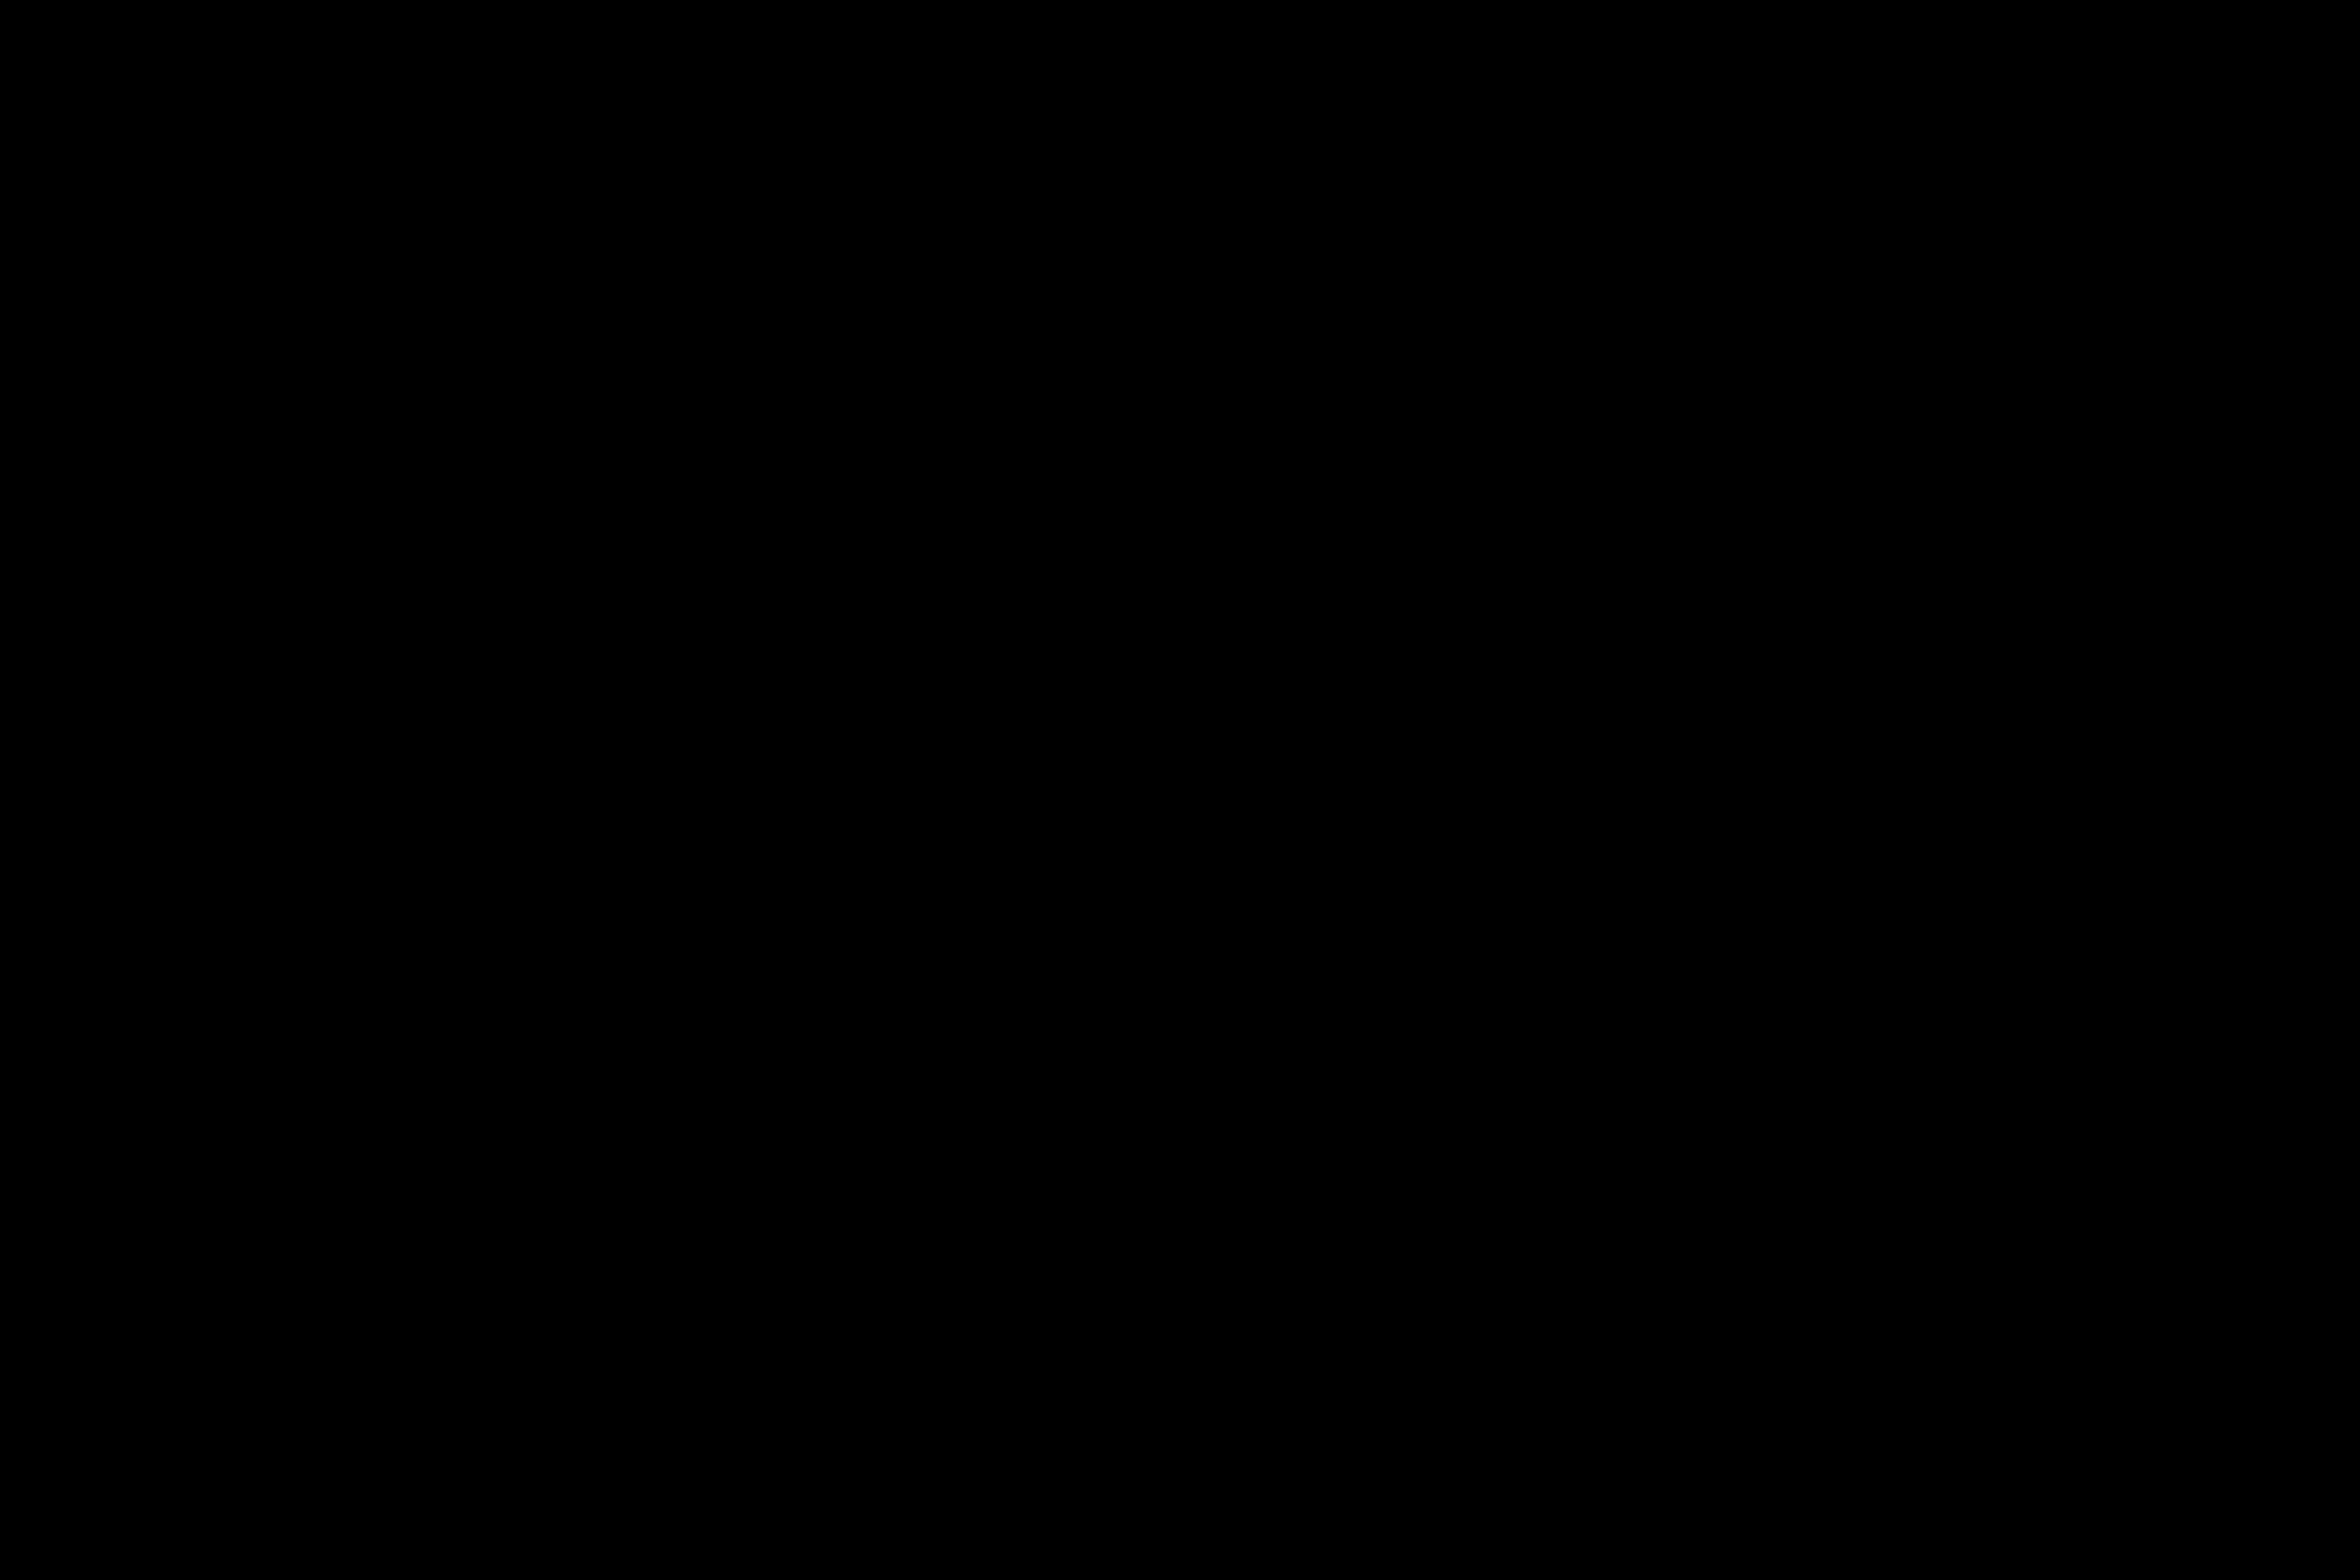 Gerhard_Kiel.jpg